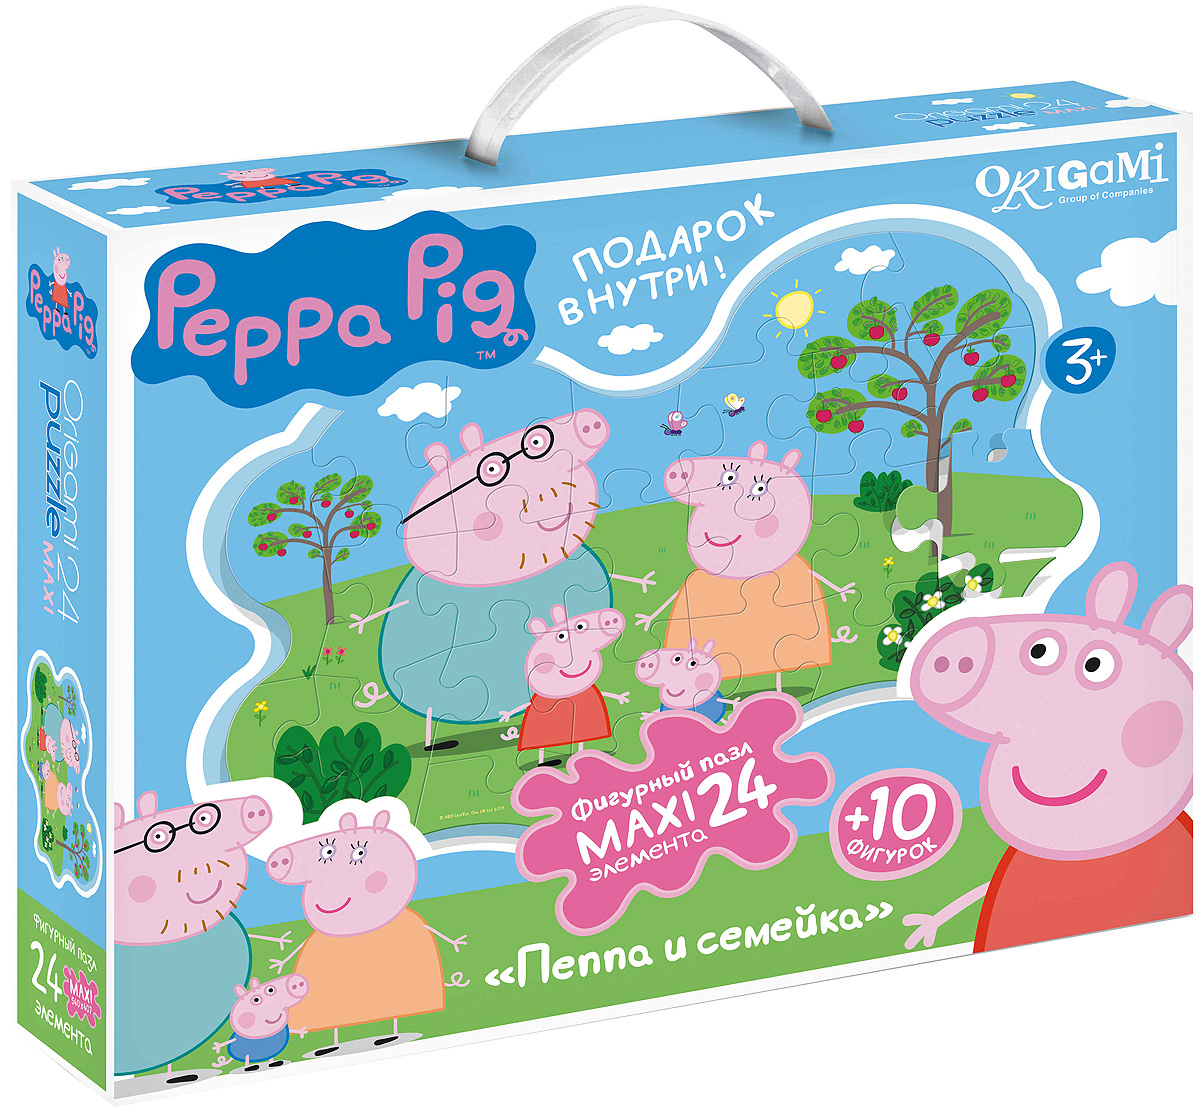 Peppa Pig Пазл для малышей Пеппа и семейка peppa pig пазл супер макси 24a контурный магниты подставки семья кроликов